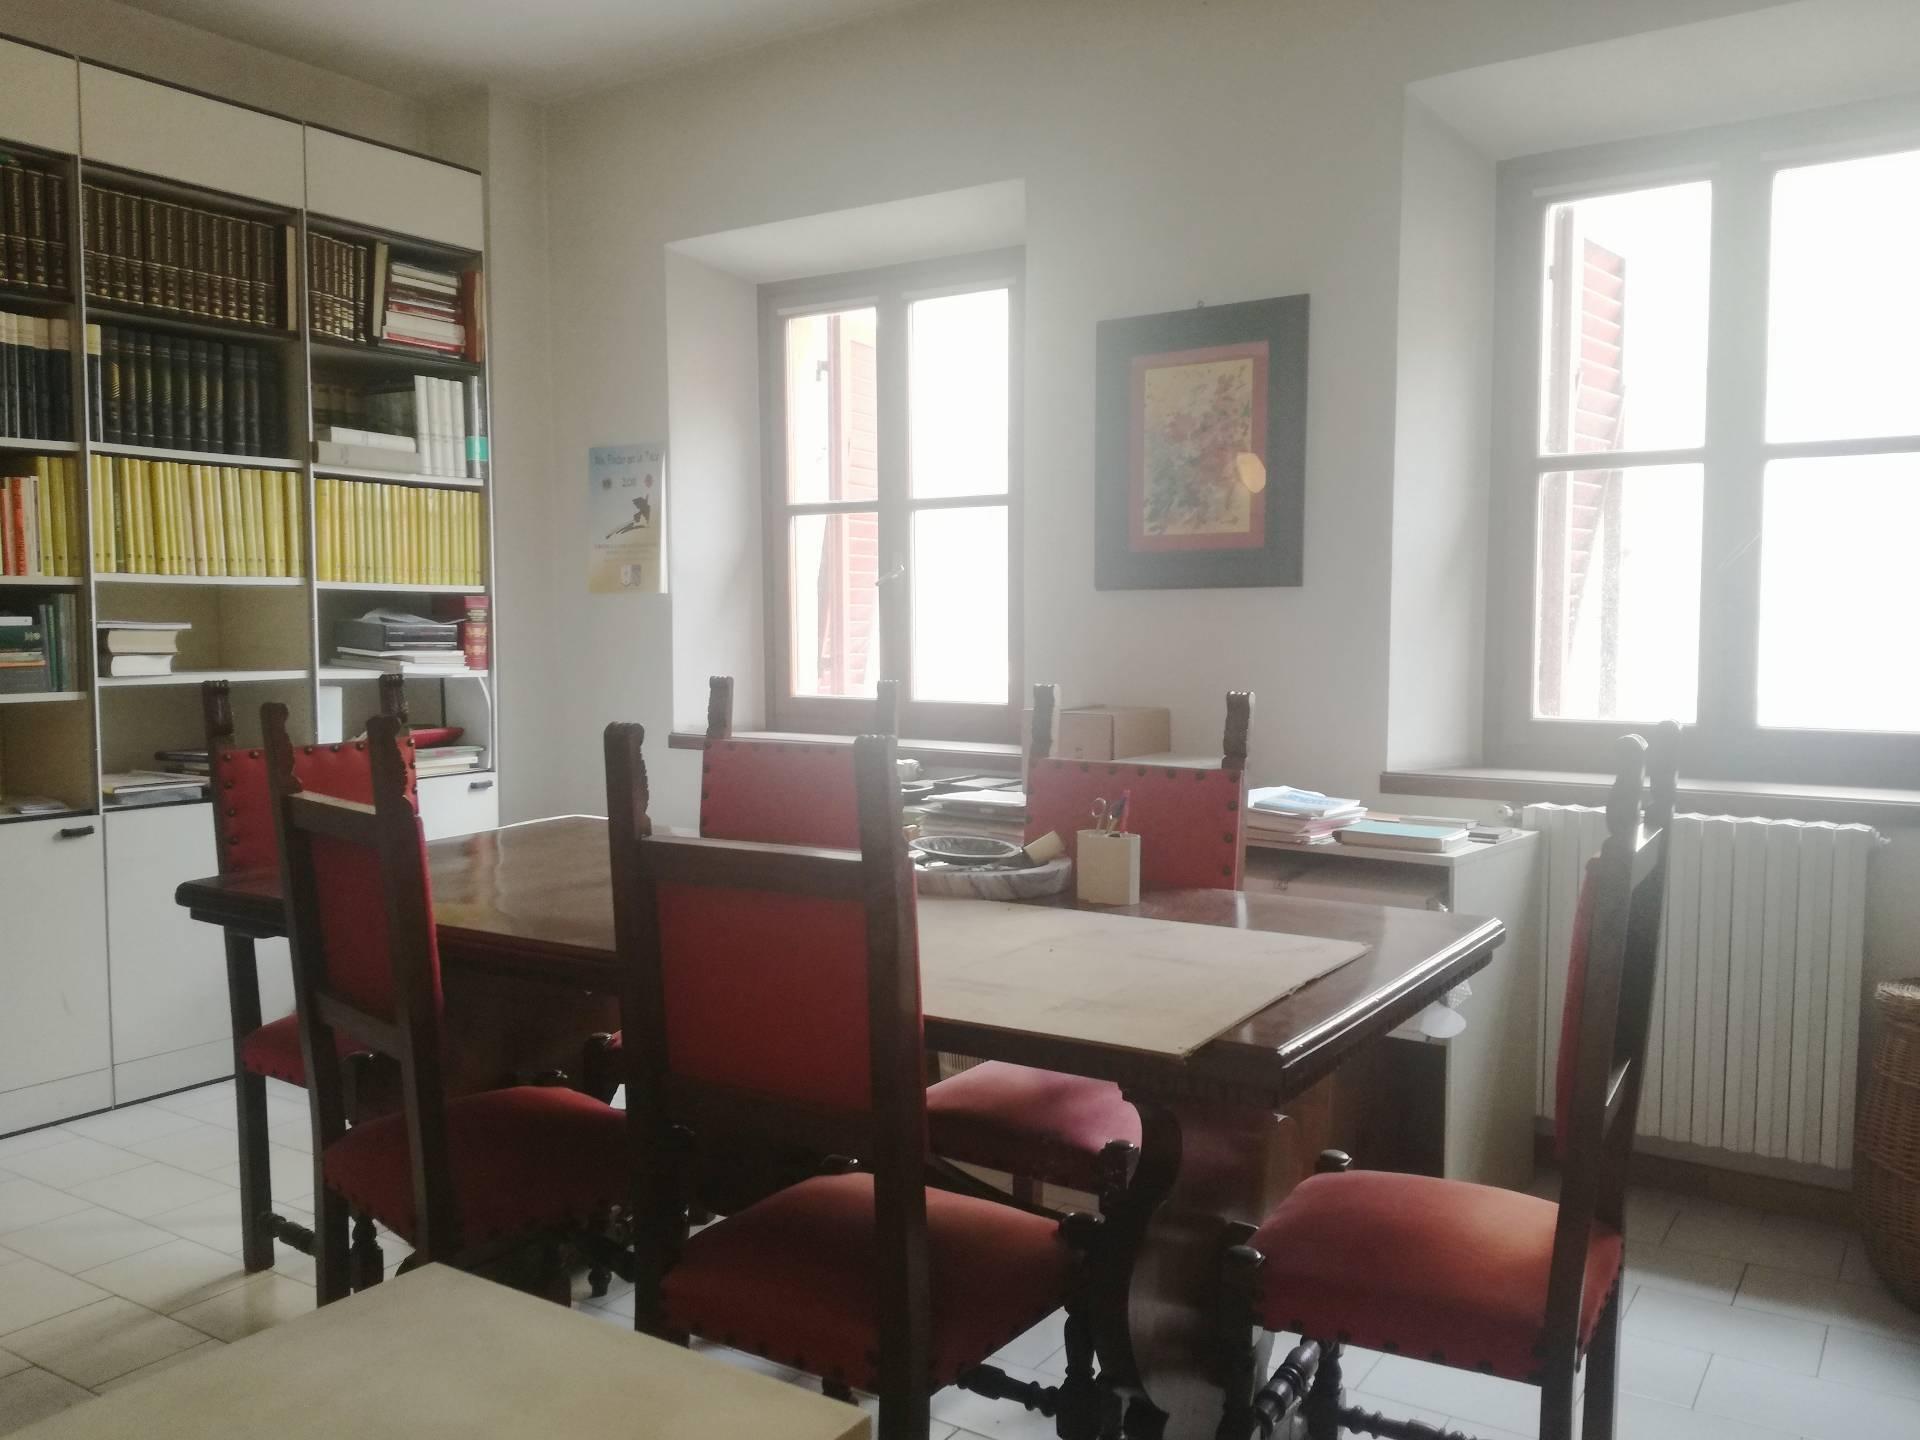 Ufficio / Studio in affitto a Pontedera, 9999 locali, zona Località: Centro, prezzo € 750 | CambioCasa.it